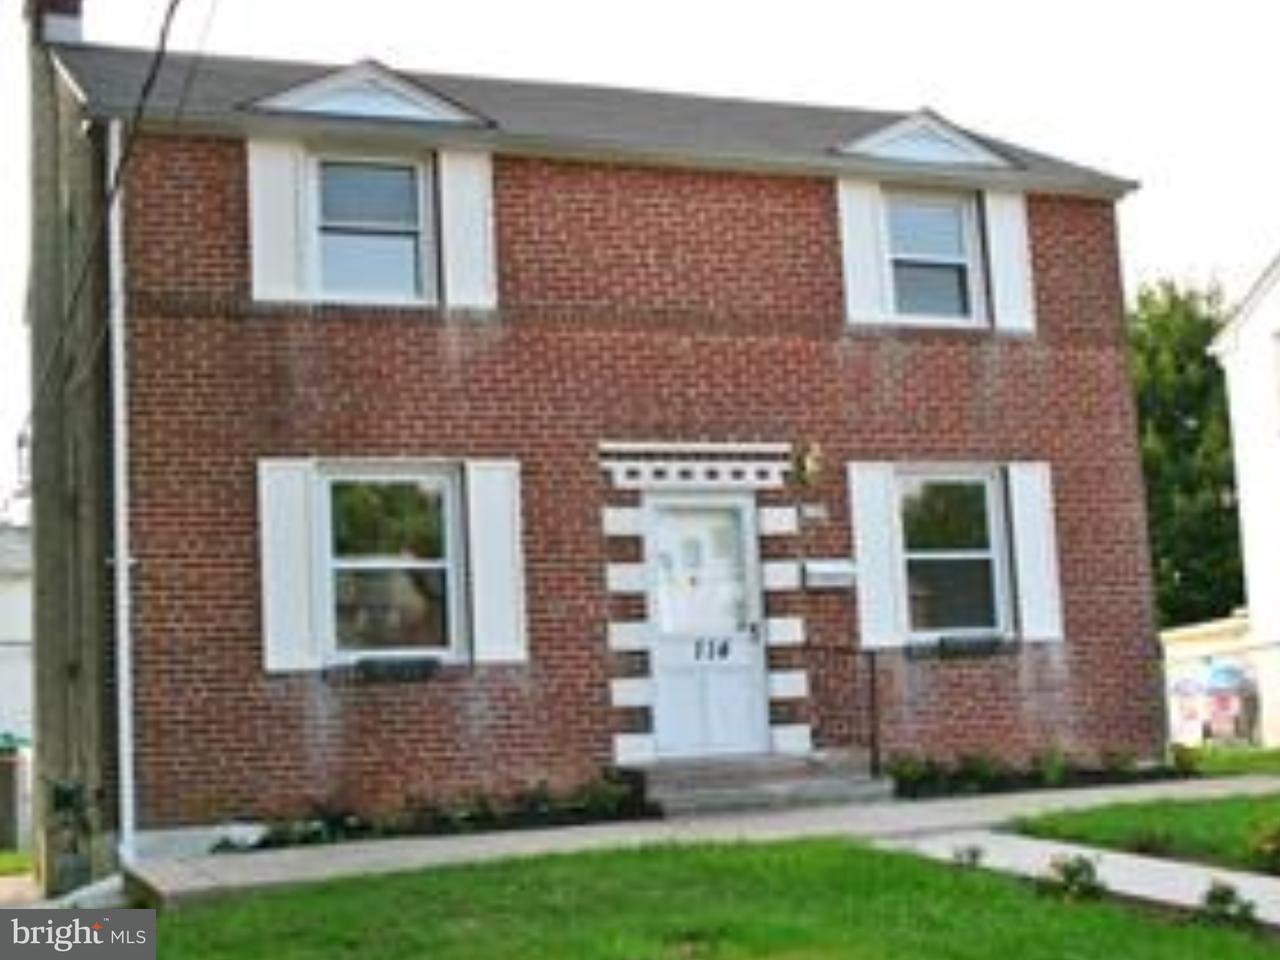 Casa Unifamiliar por un Alquiler en 114 ATLAS Drive New Castle, Delaware 19720 Estados Unidos